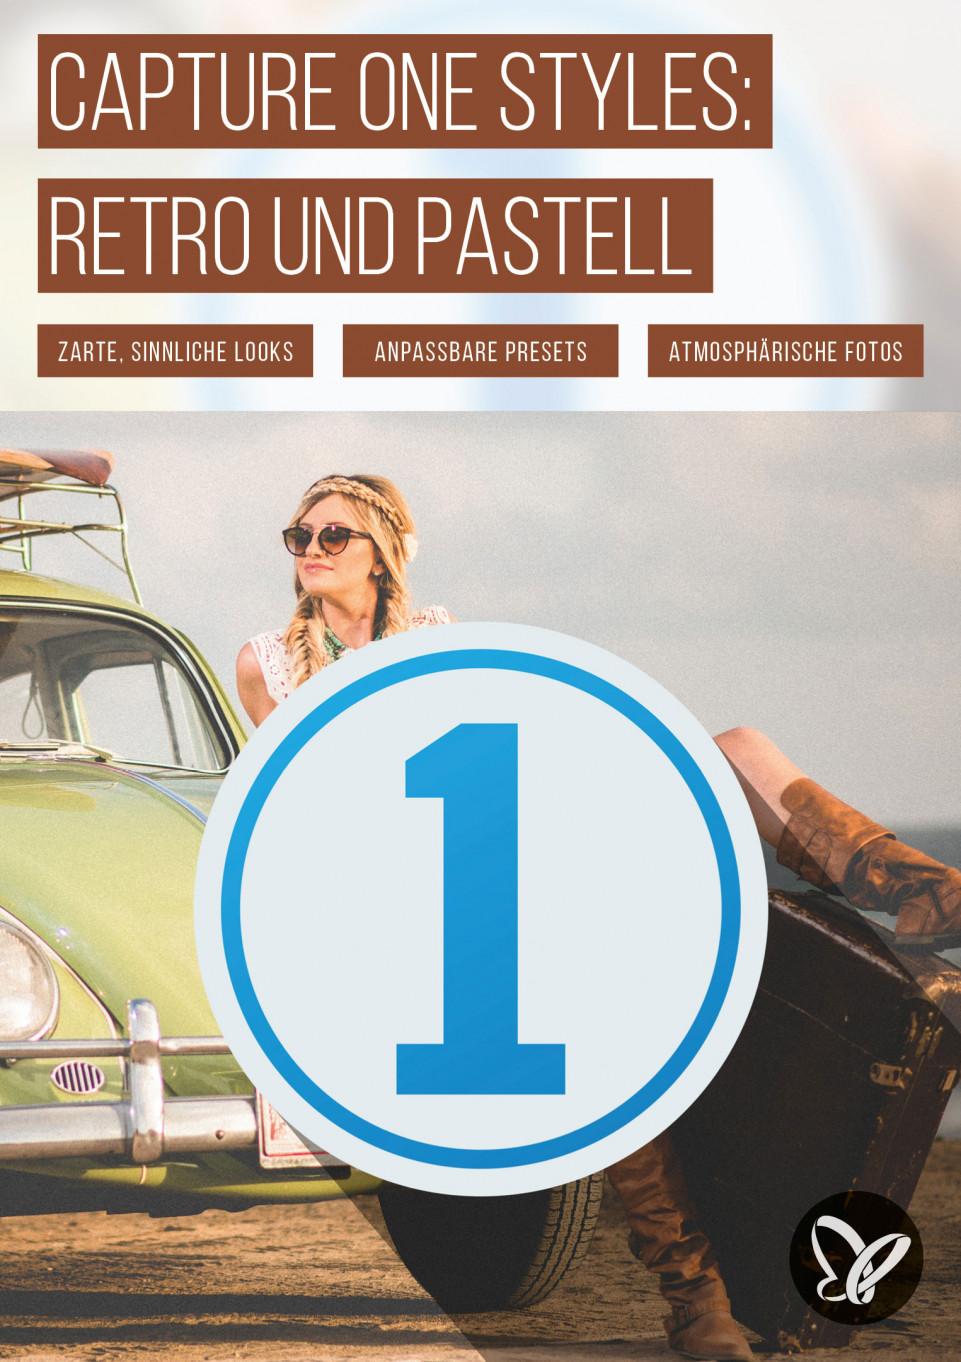 61 Capture One-Presets: Deine Fotos im Retro-, Boudoir- und Pastell-Look